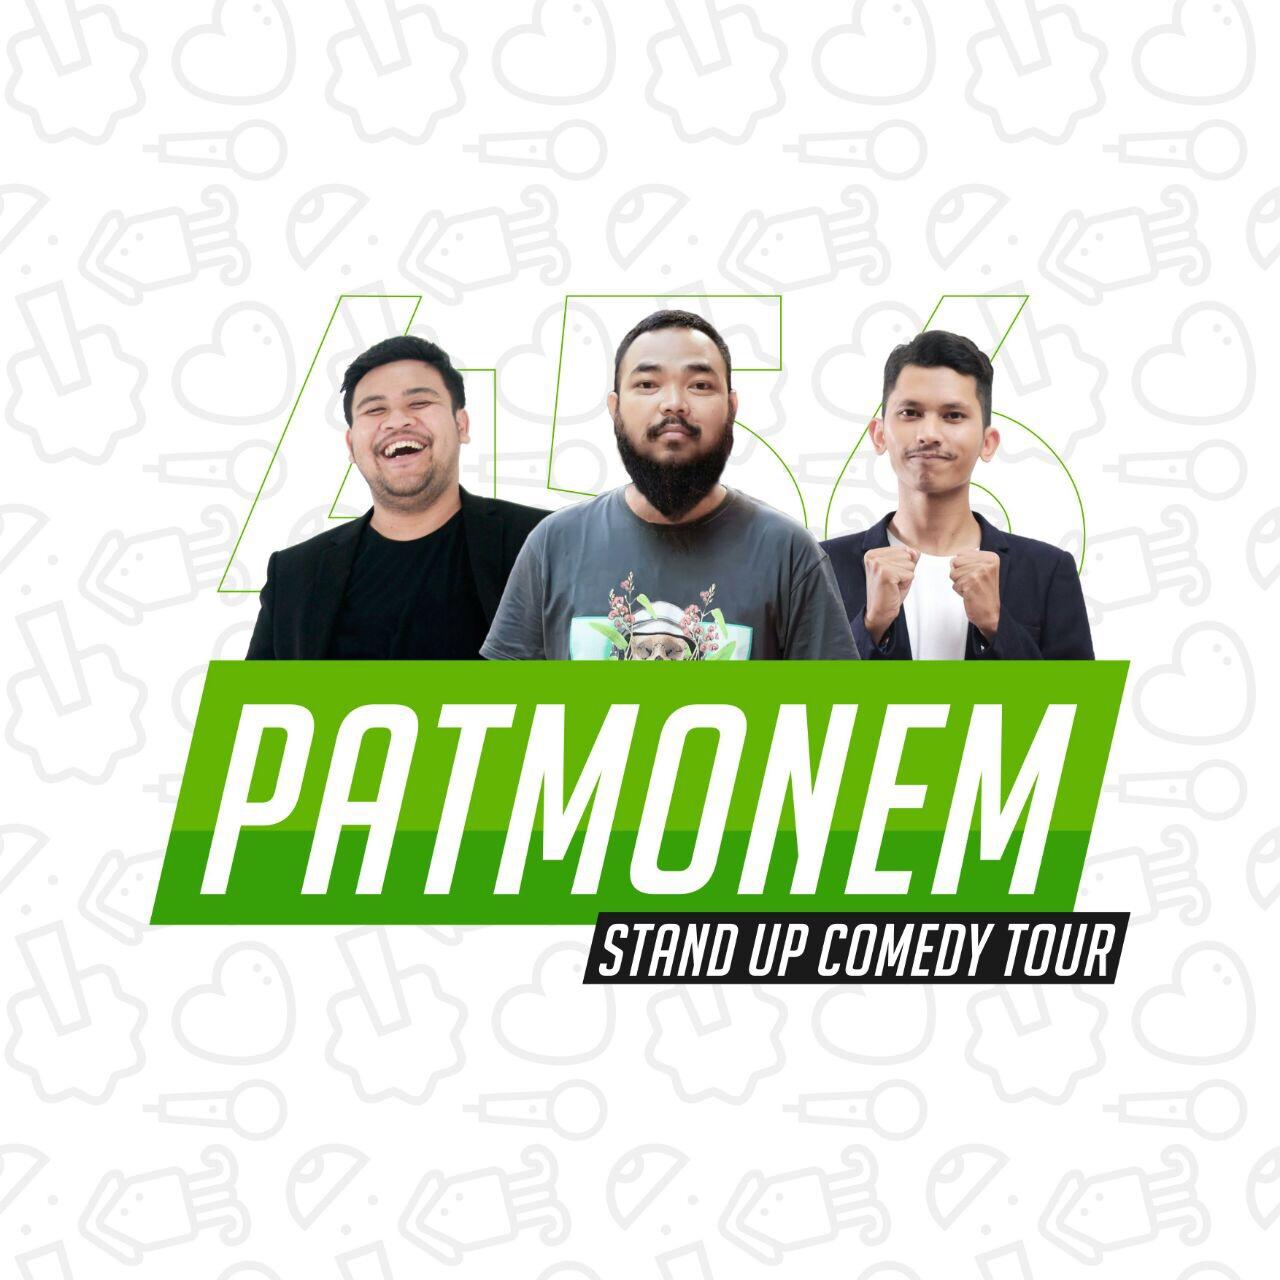 Patmonem tour